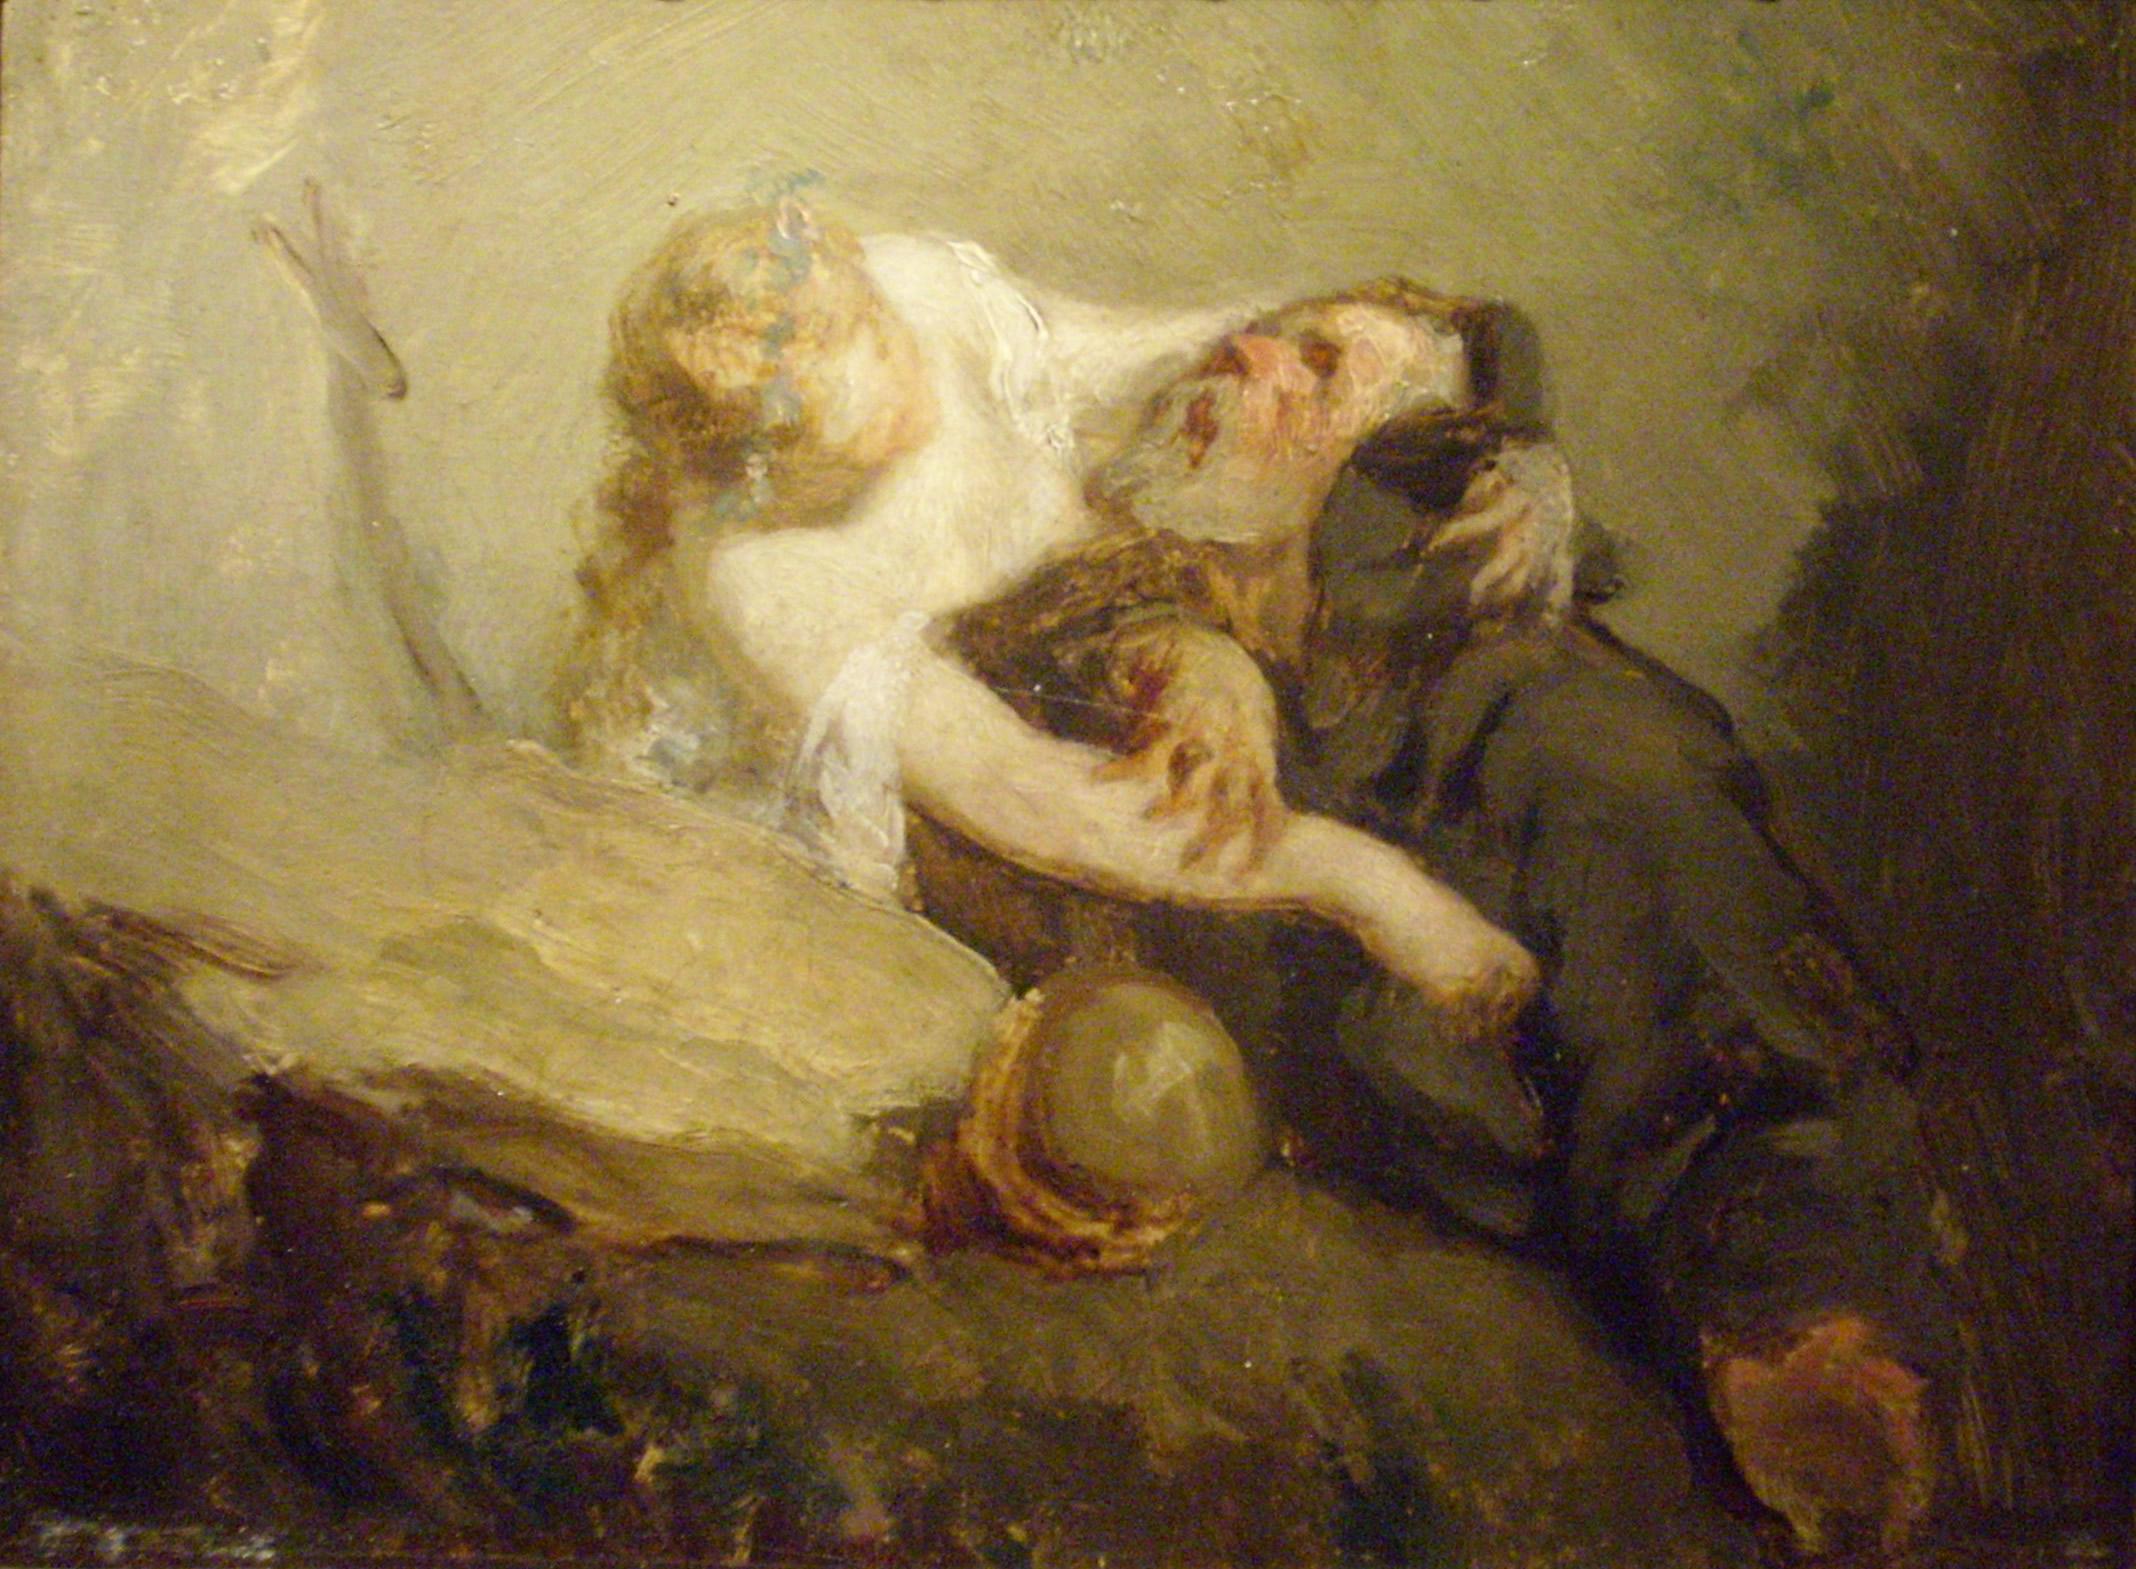 Jean-François Millet  The-temptation-of-st-anthony